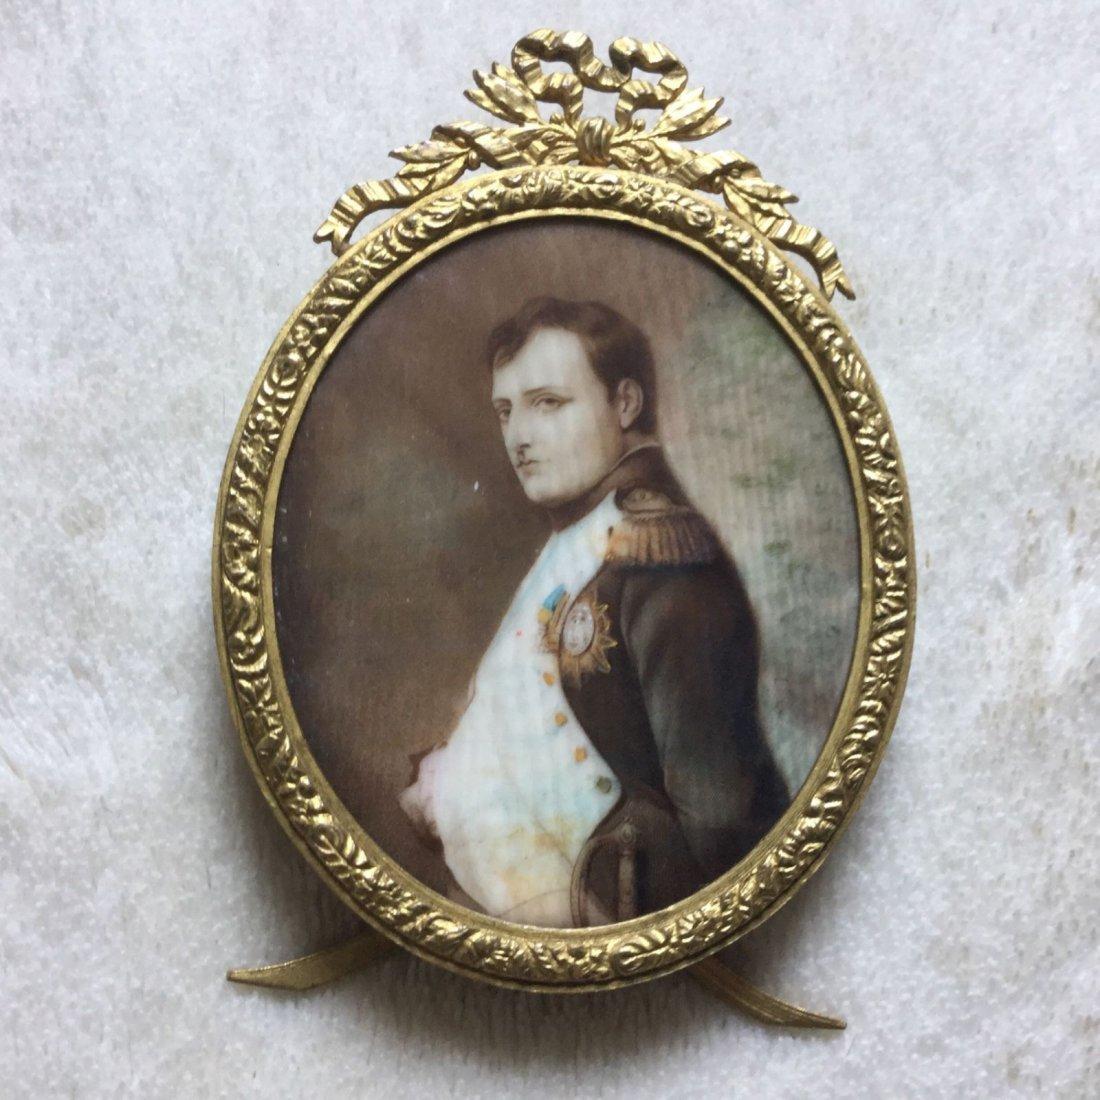 Antique Miniature Painting of Napolean Bonaparte